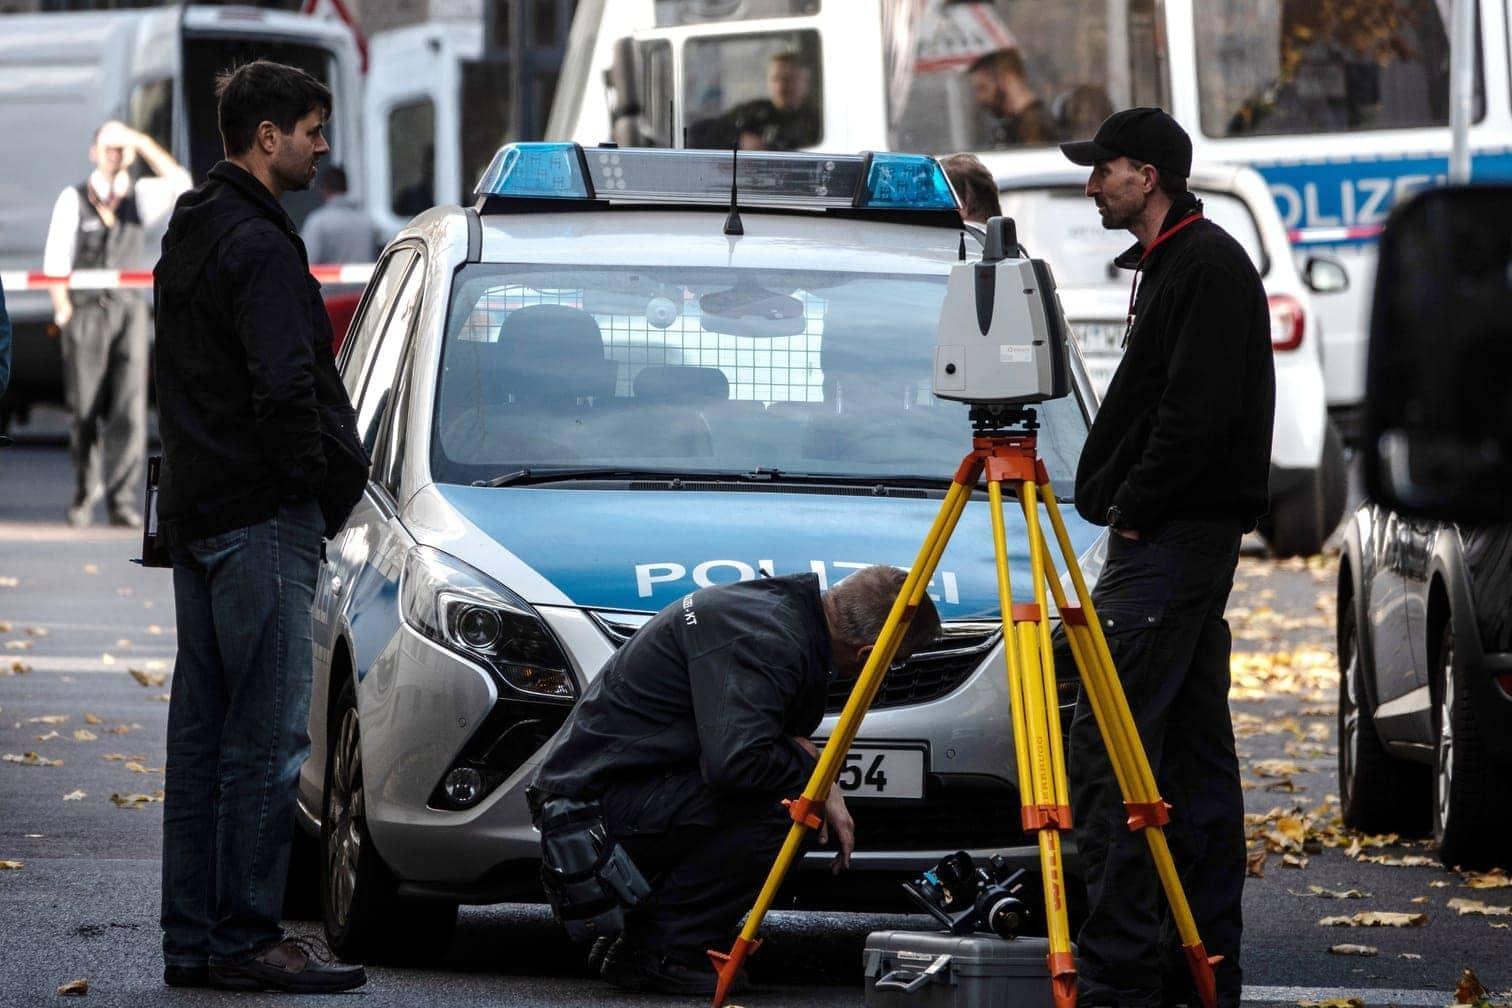 <p>Polizeibeamte durchsuchten mit Hunden den Tatort und die Umgebung.</p> Foto: Paul Zinken/dpa